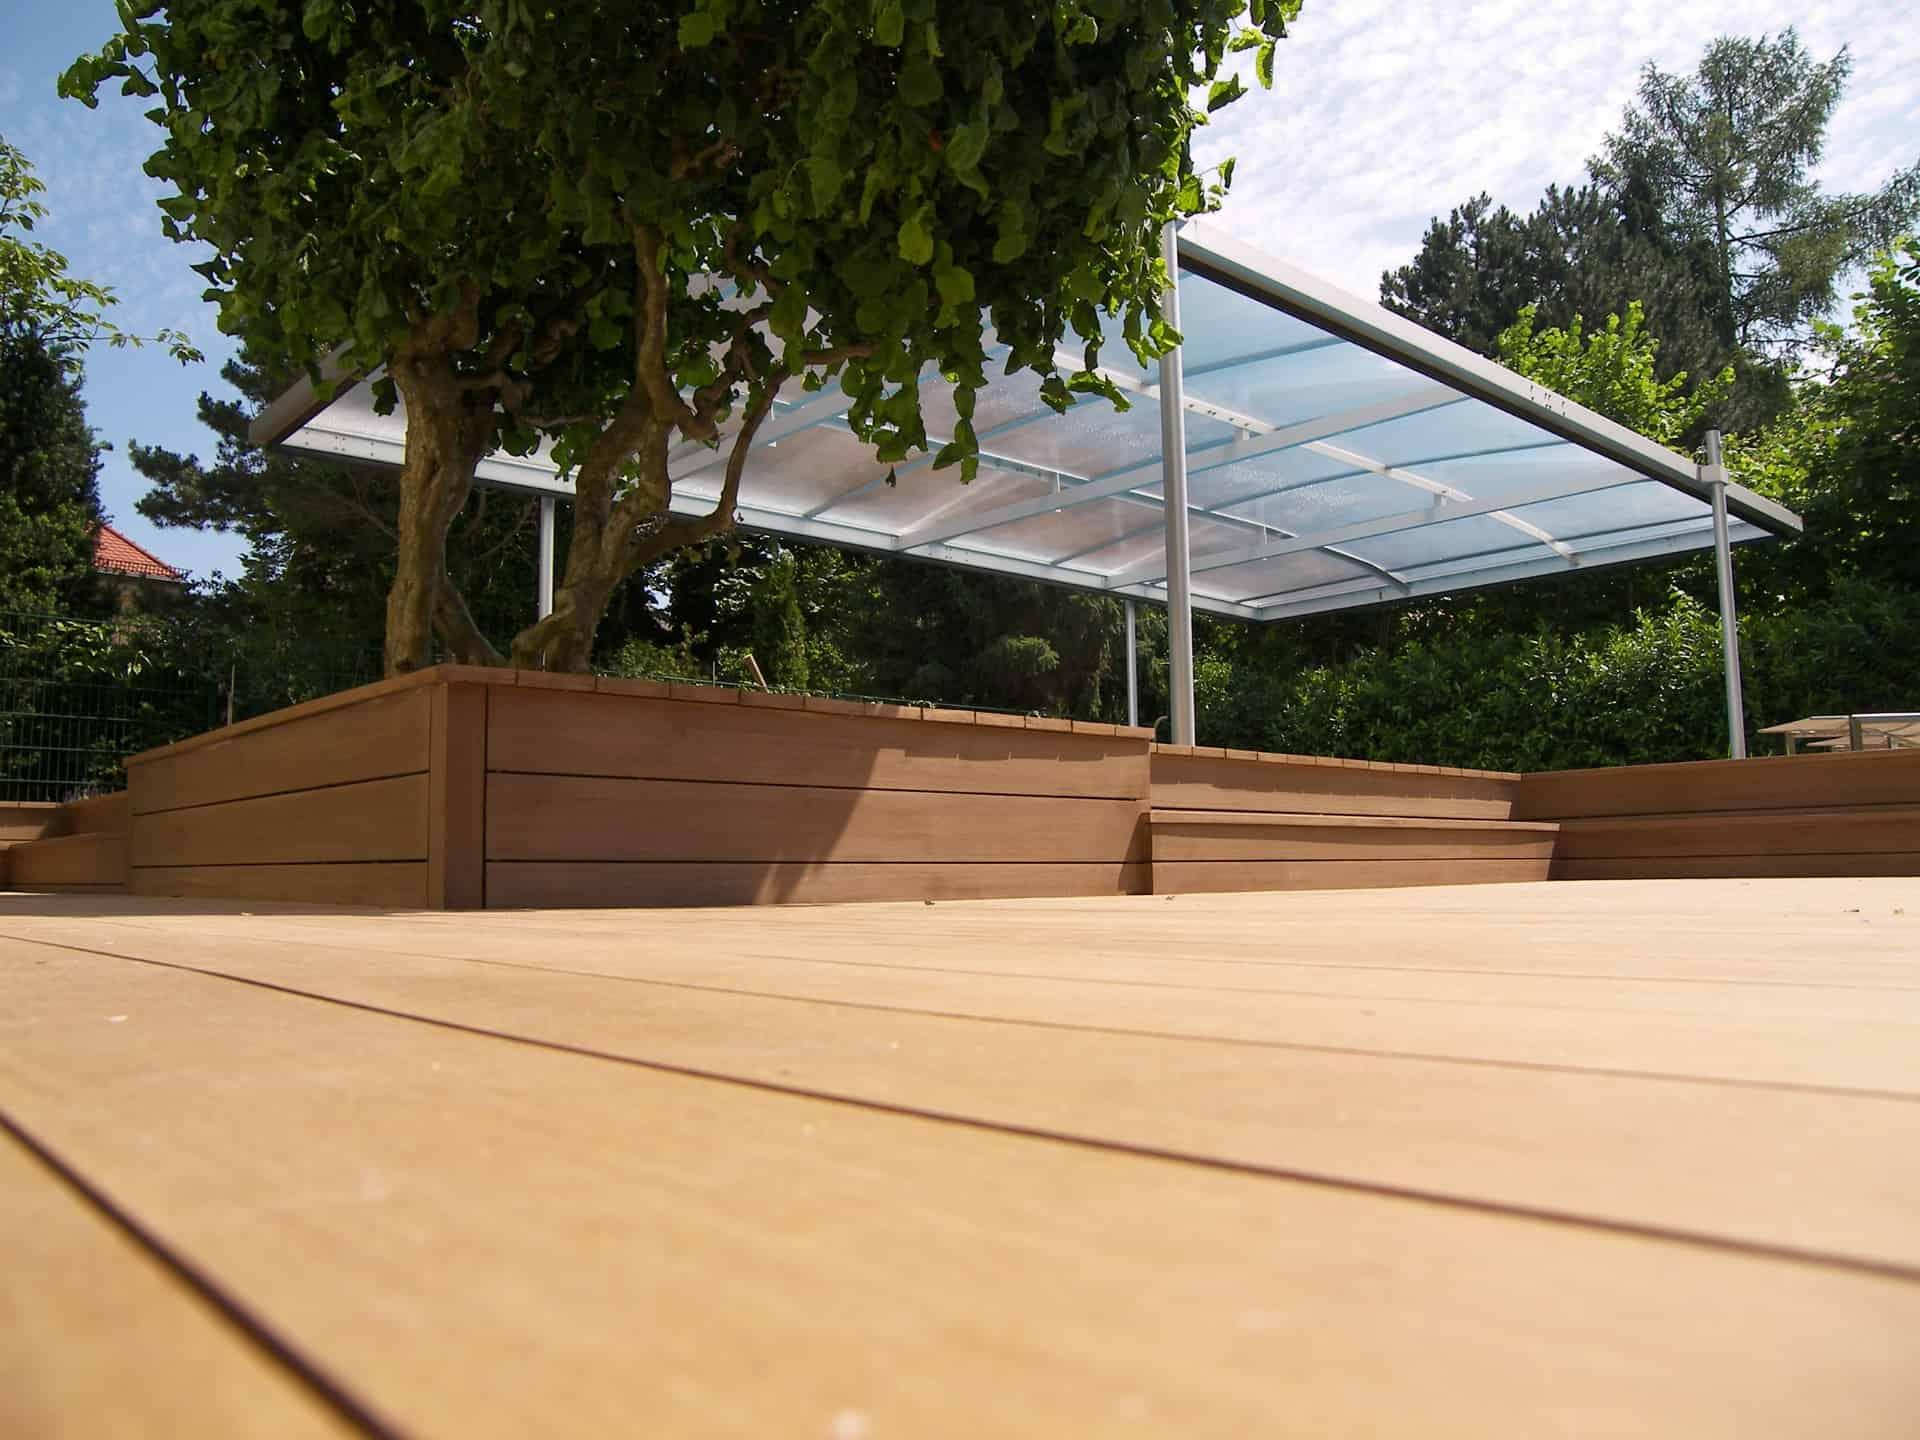 semac 100 7405 summerfield ihr spezialist f r resysta. Black Bedroom Furniture Sets. Home Design Ideas